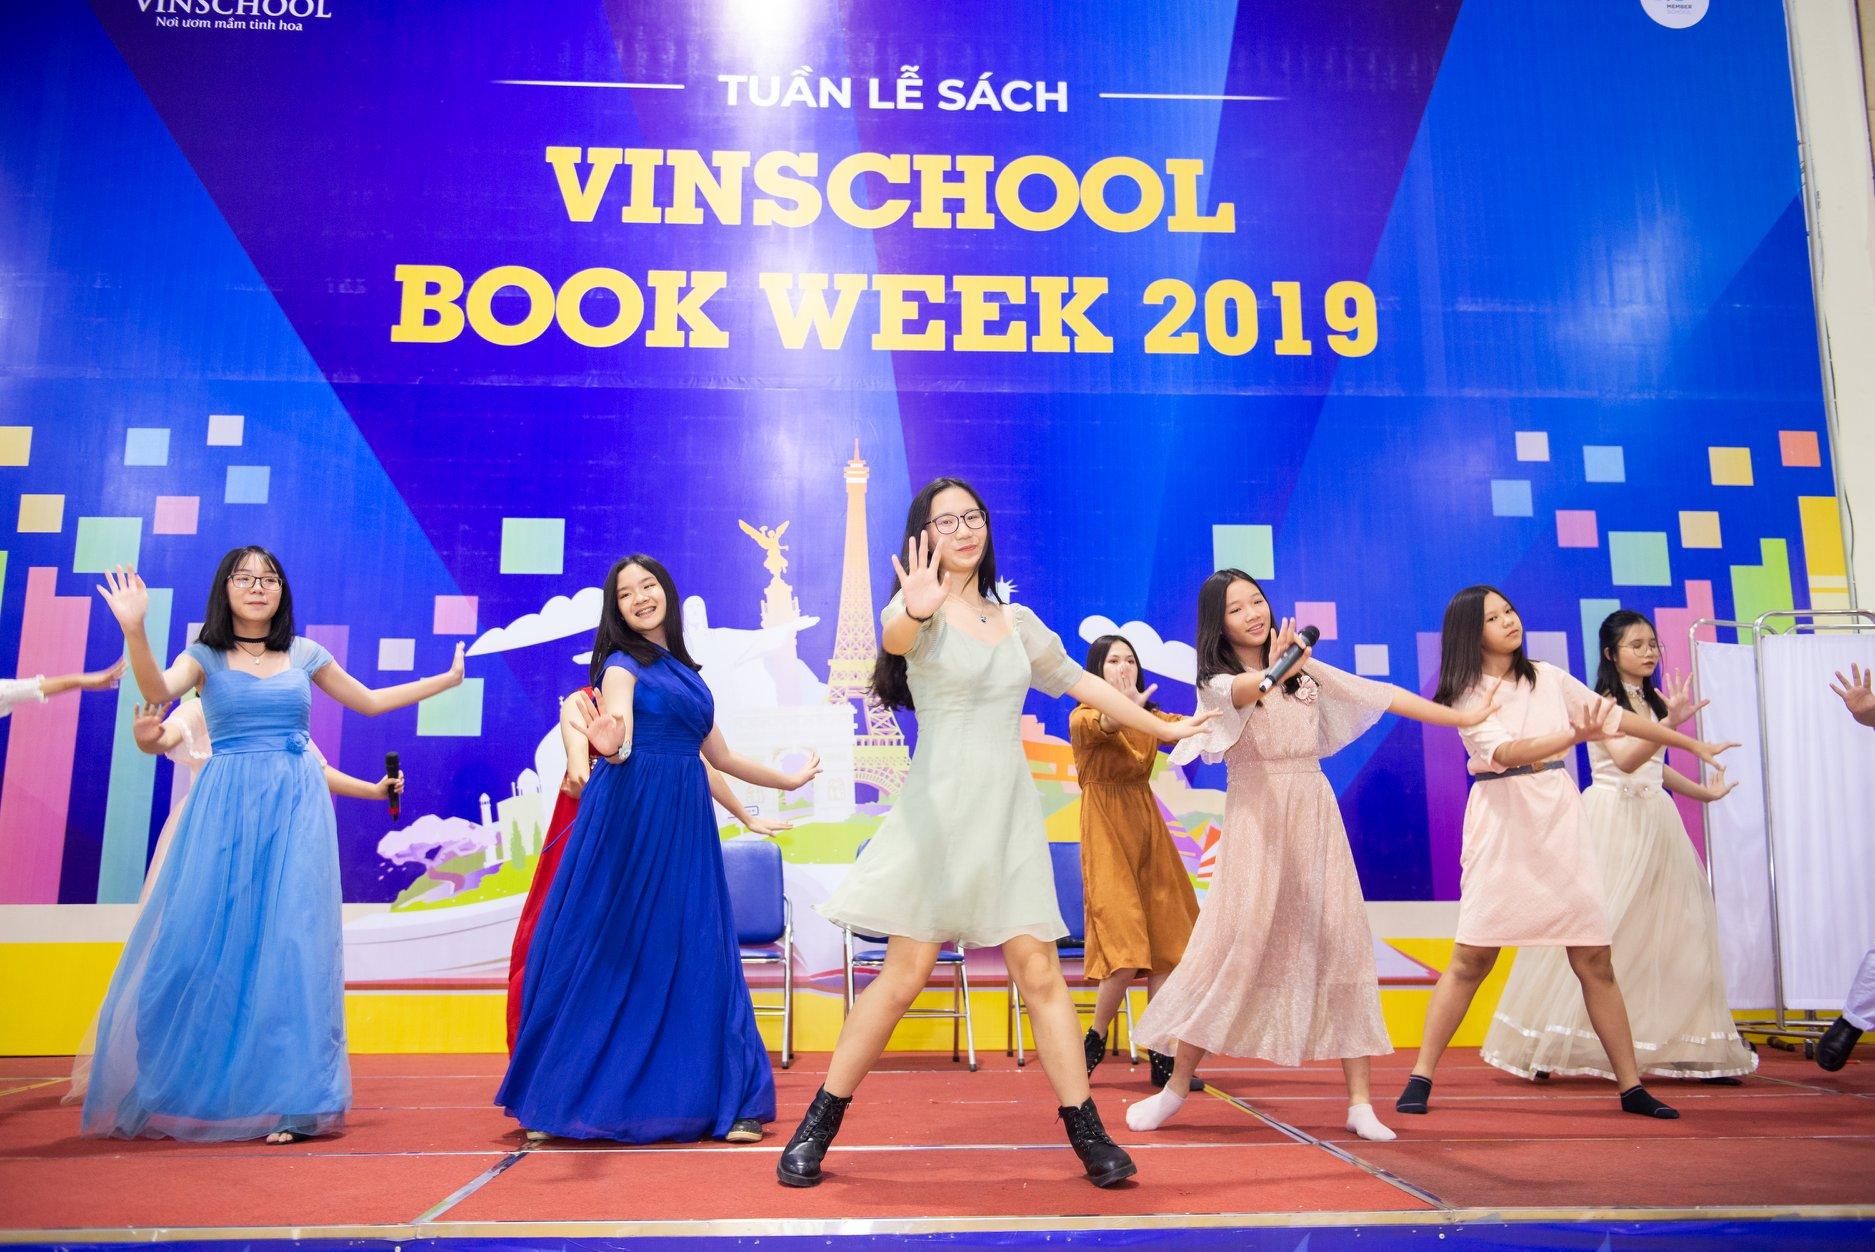 """Tuần lễ sách """"Vinschool Book Week"""" Khối Trung học Vinschool"""